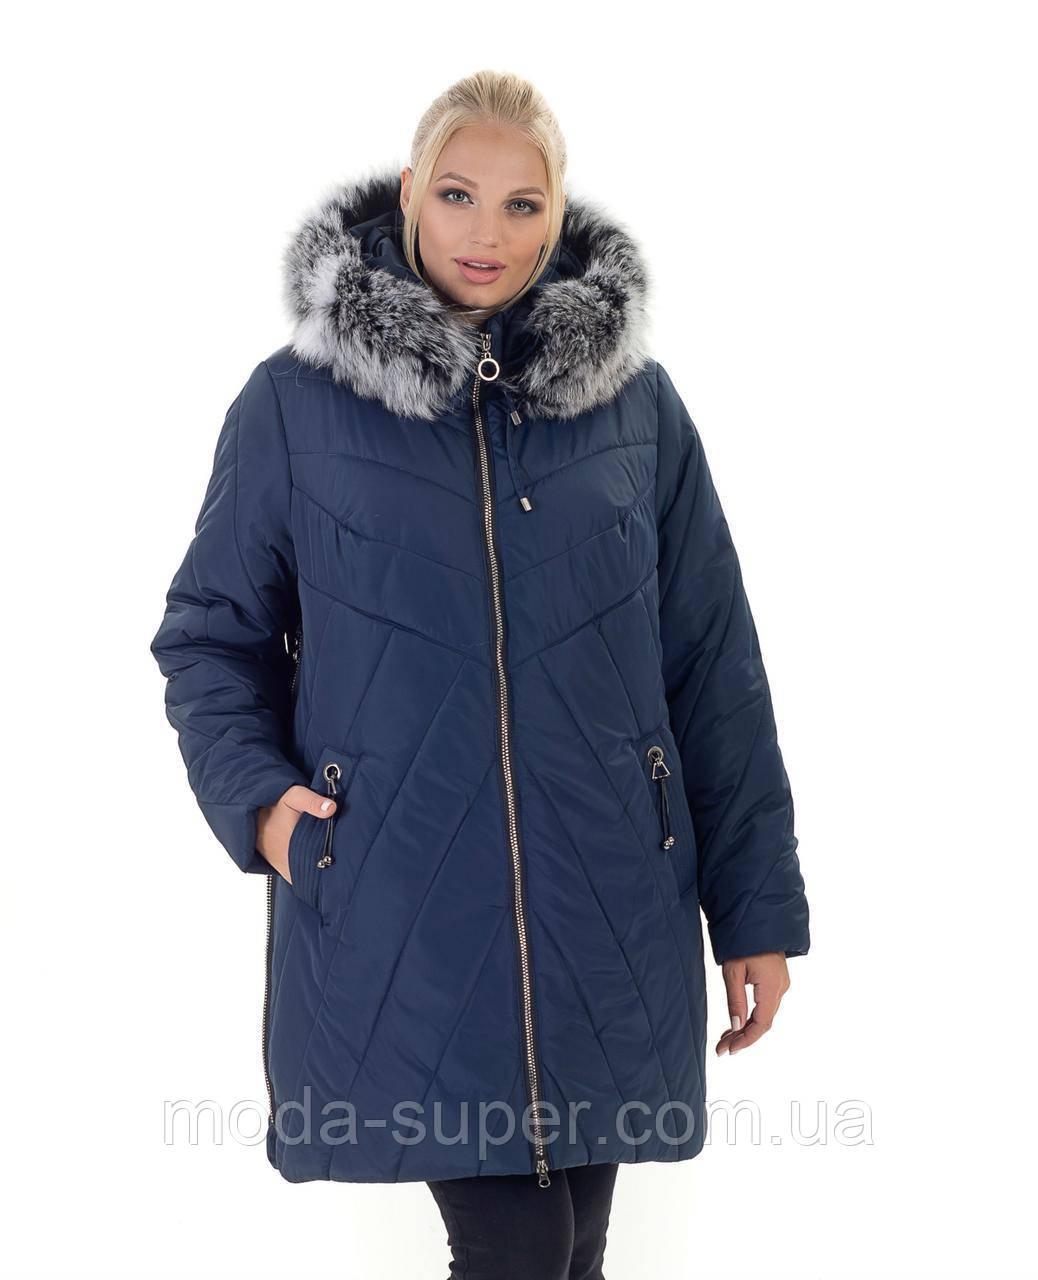 Женский пуховик-куртка с мехом песца,большие размеры рр 56-70